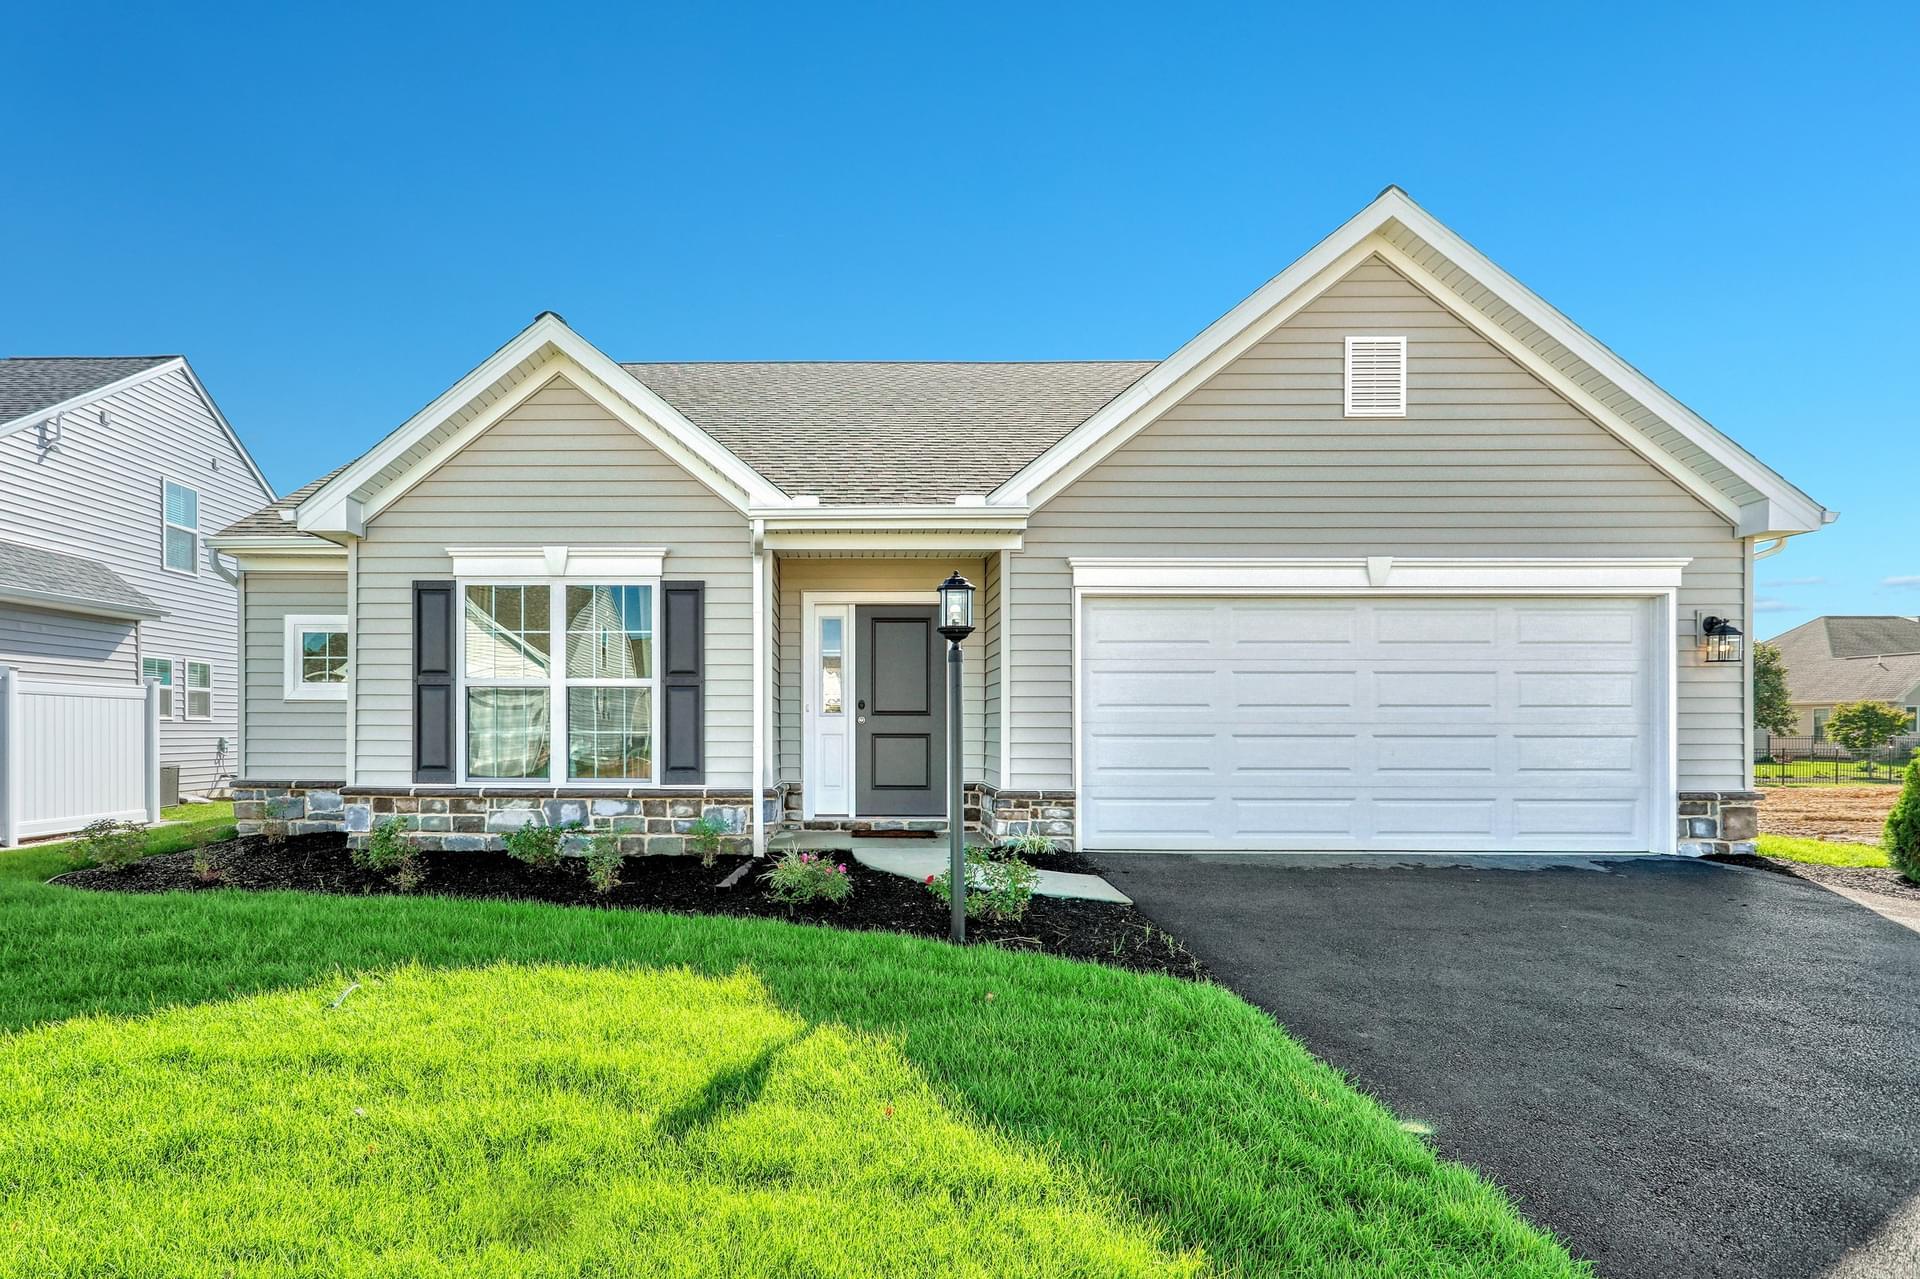 Berks Homes in Lot #85 506 Granite Run, Carlisle, PA 17015 PA